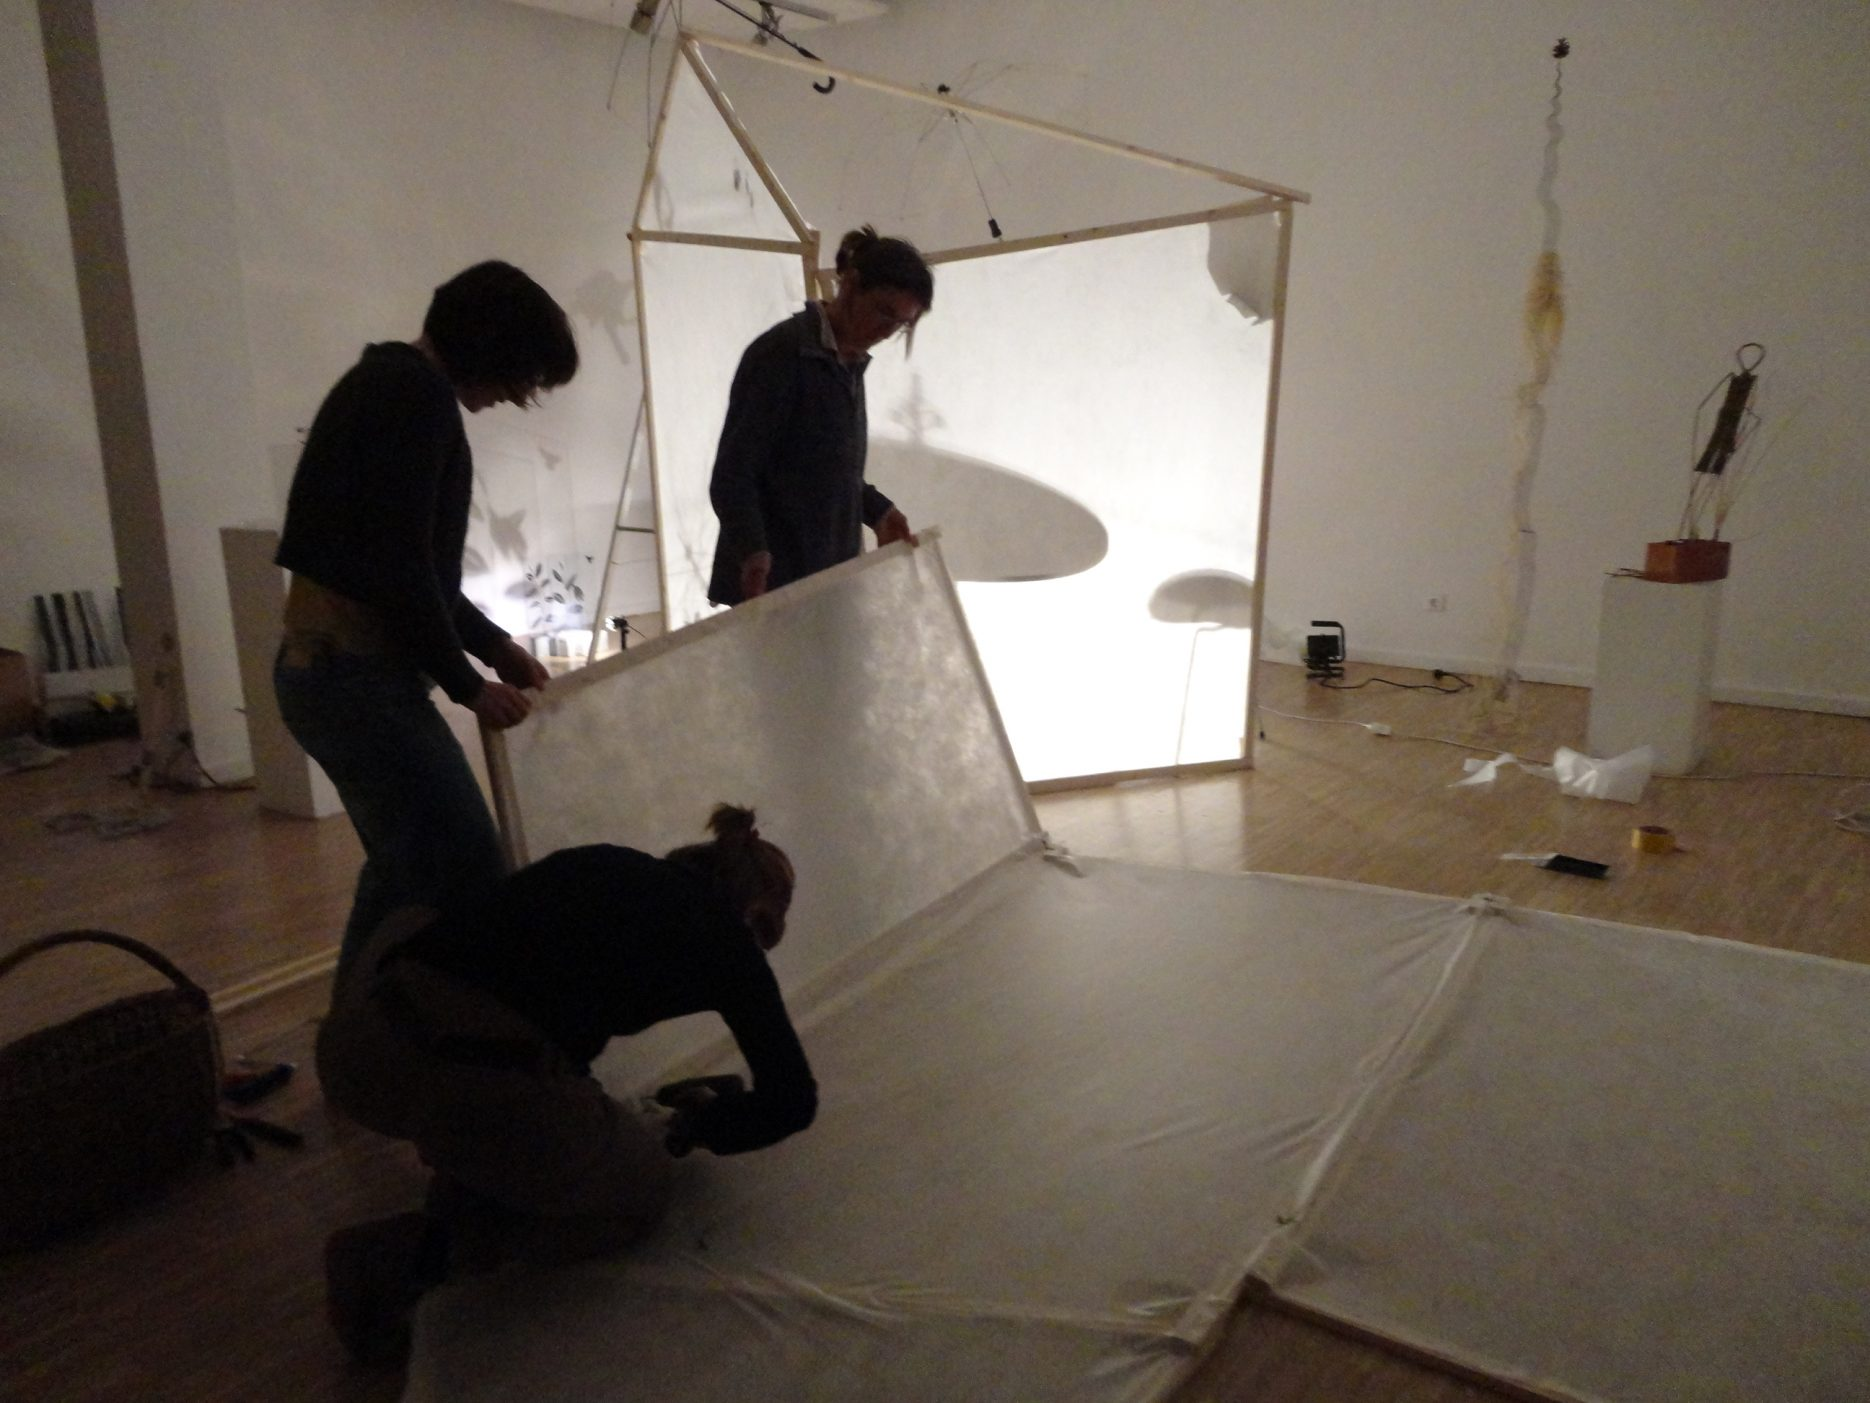 Kunstausstellung Lichtspiel galerie gedok stuttgart